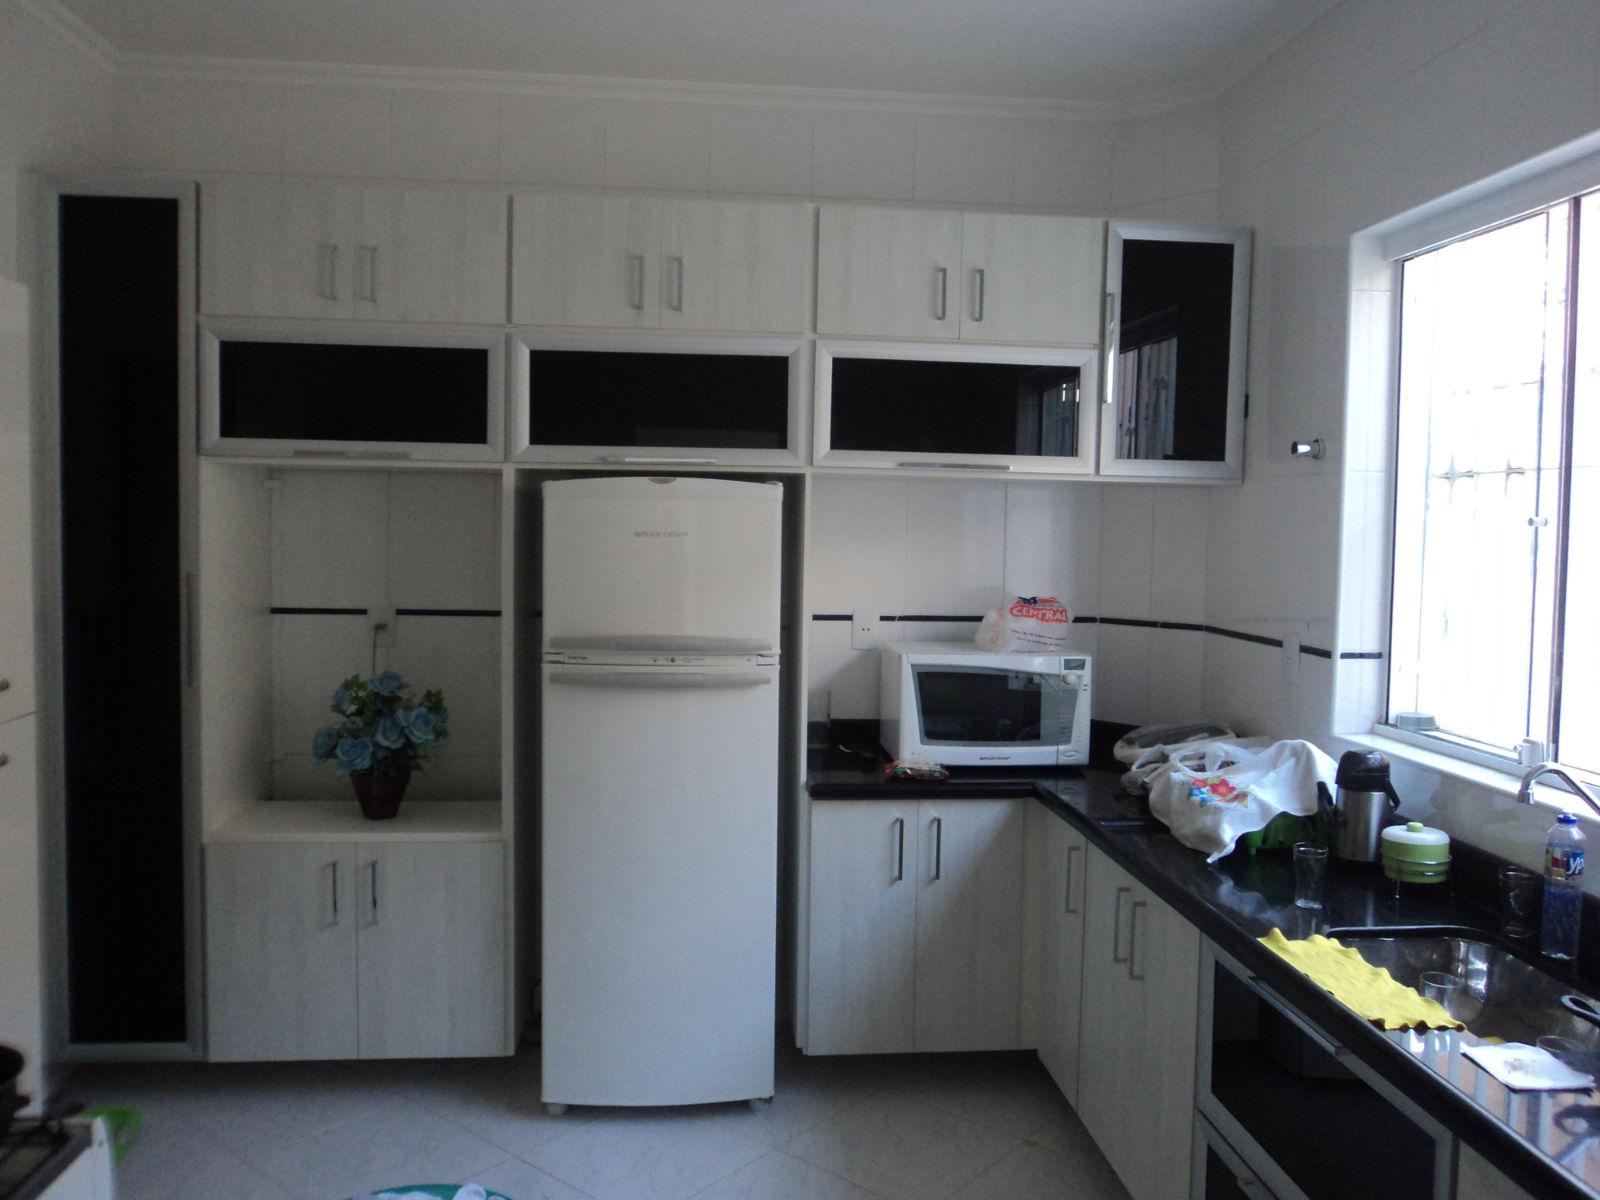 Cozinha com portas de vidro e perfil de aluminio #959A31 1600 1200